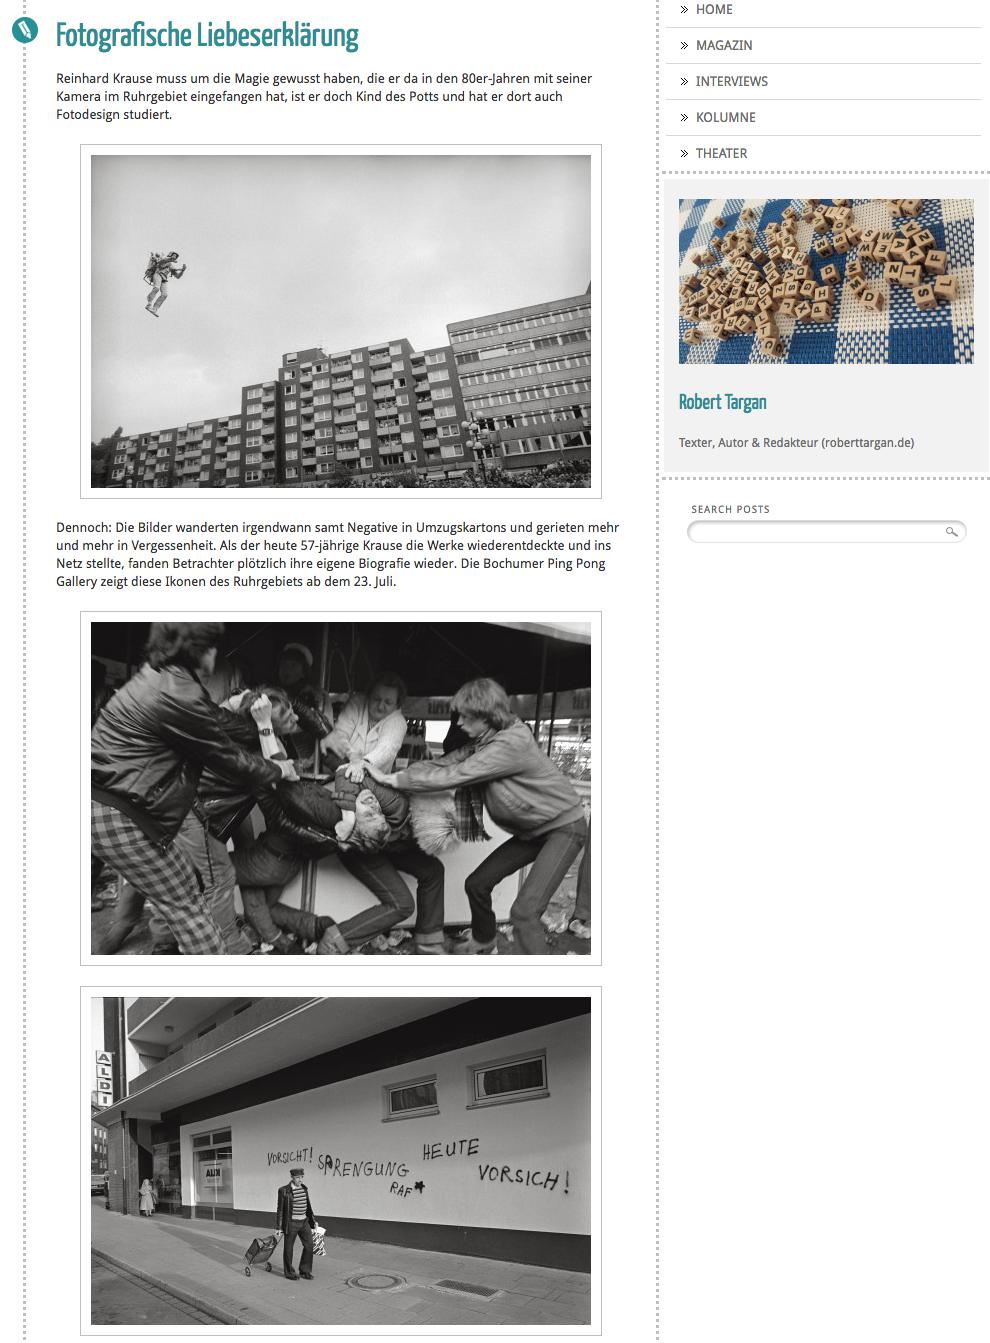 Fotografische Liebeserklärung   Reinhard Krause muss um die Magie gewusst haben, die er da in den 80er-Jahren mit seiner Kamera im Ruhrgebiet eingefangen hat, ist er doch Kind des Potts und hat er dort auch Fotodesign studiert.  Dennoch: Die Bilder wanderten irgendwann samt Negative in Umzugskartons und gerieten mehr und mehr in Vergessenheit. Als der heute 57-jährige Krause die Werke wiederentdeckte und ins Netz stellte, fanden Betrachter plötzlich ihre eigene Biografie wieder.   Der Artikel erschien im HEiNZ-Magazin 7/16   http://roberttargan.tumblr.com/